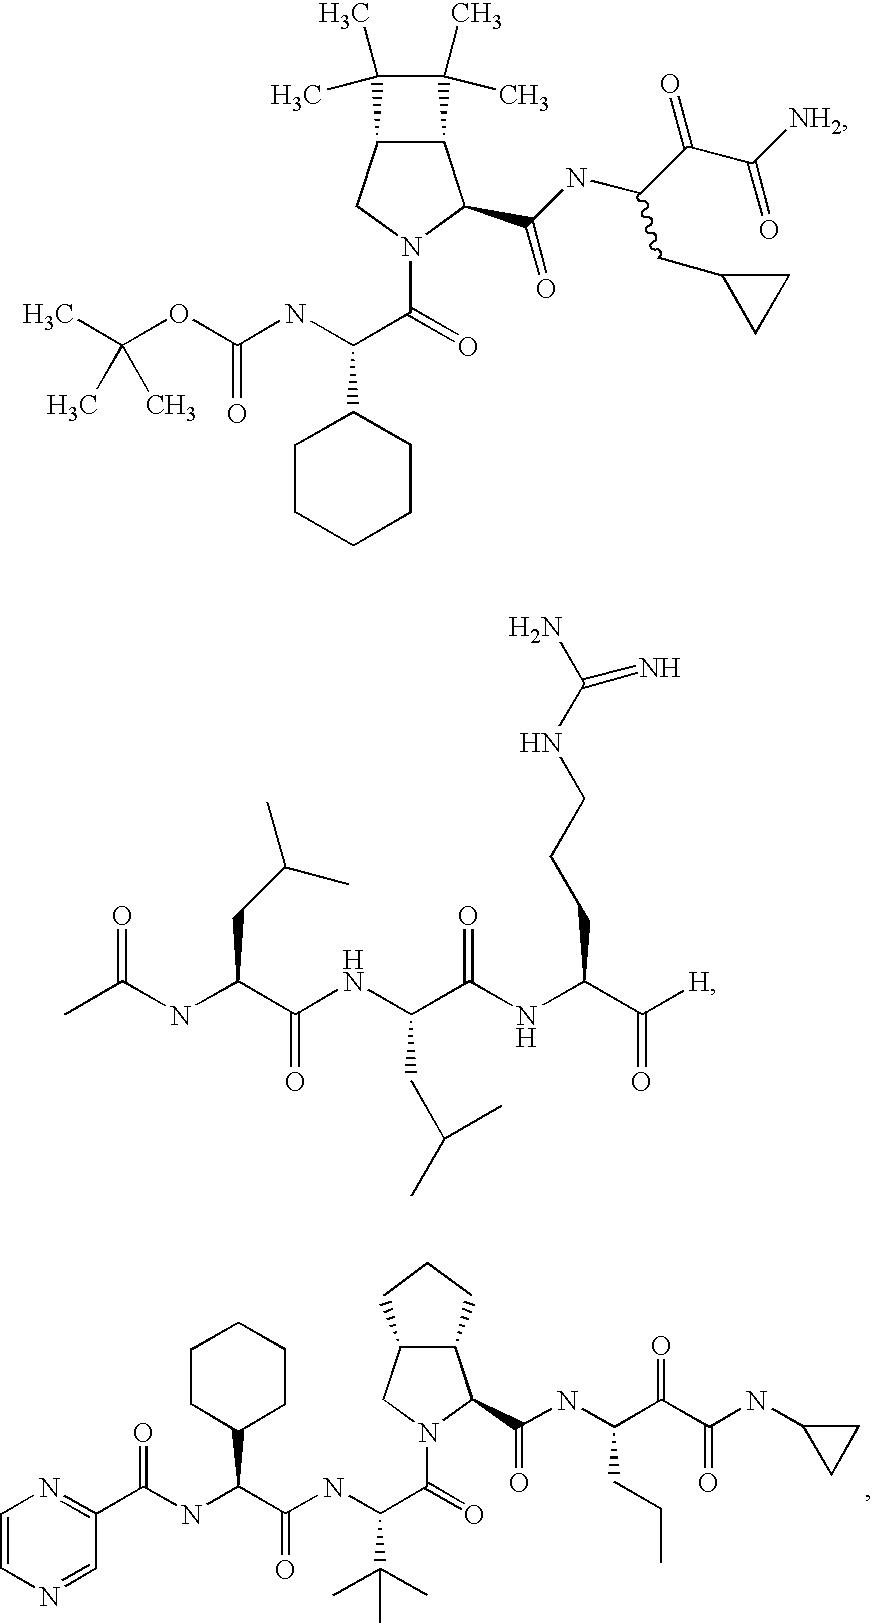 Figure US20060276404A1-20061207-C00247